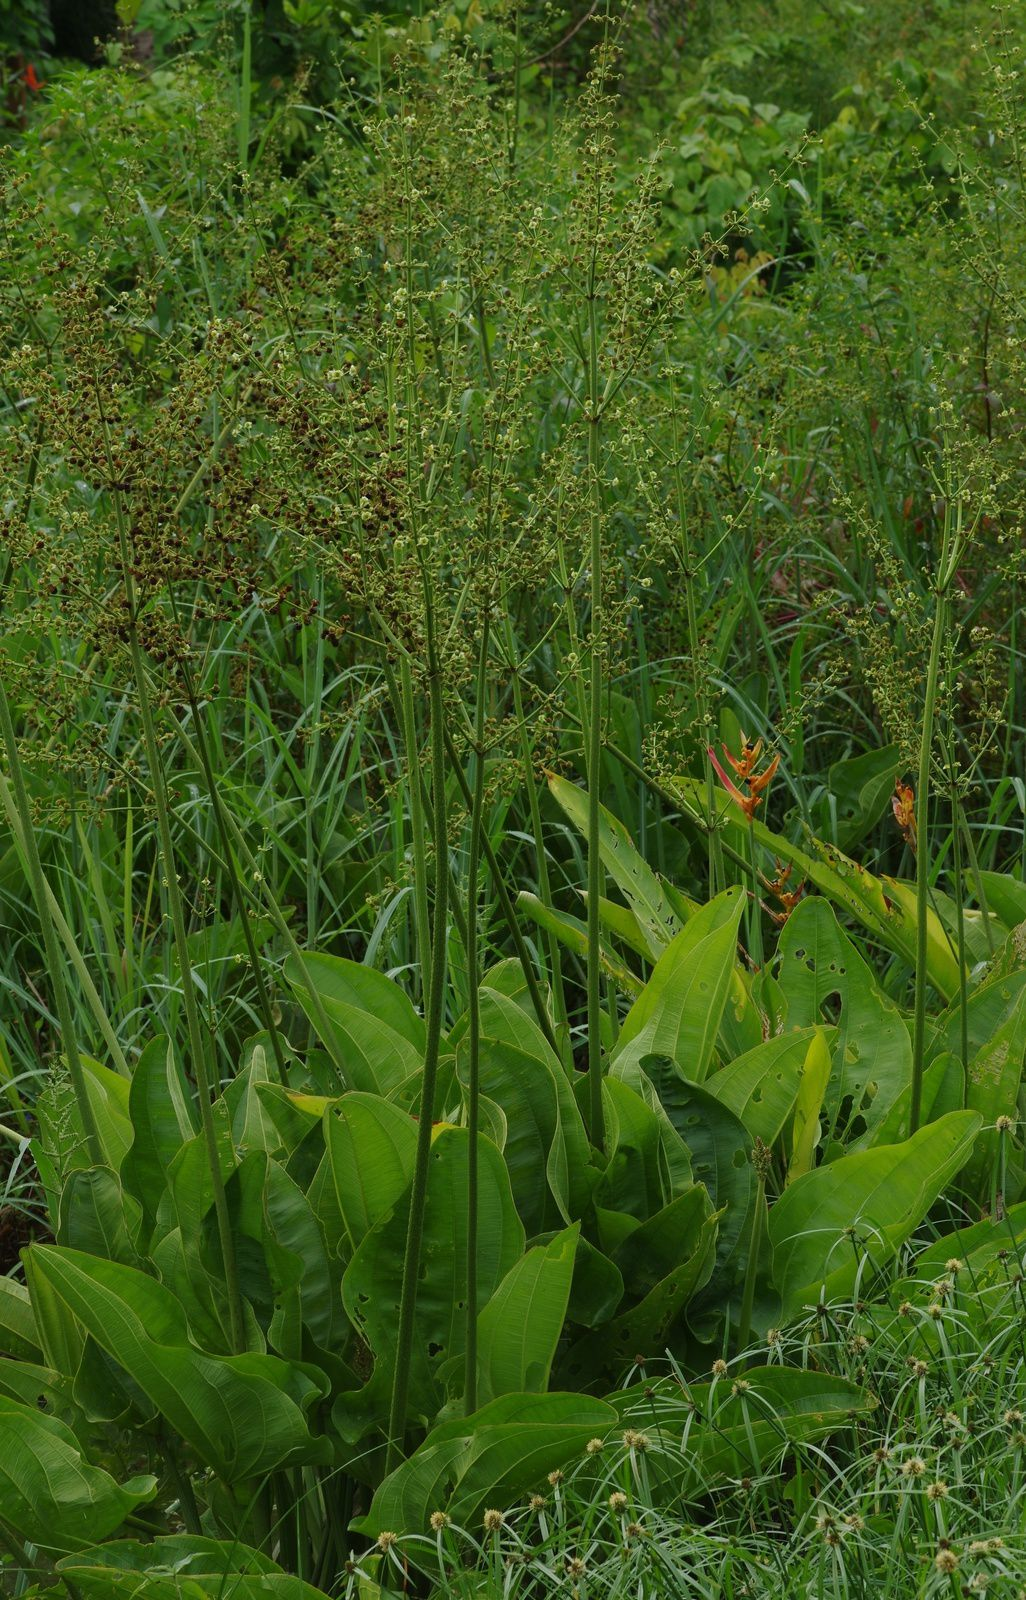 Echinodorus macrophyllus subsp. scaber